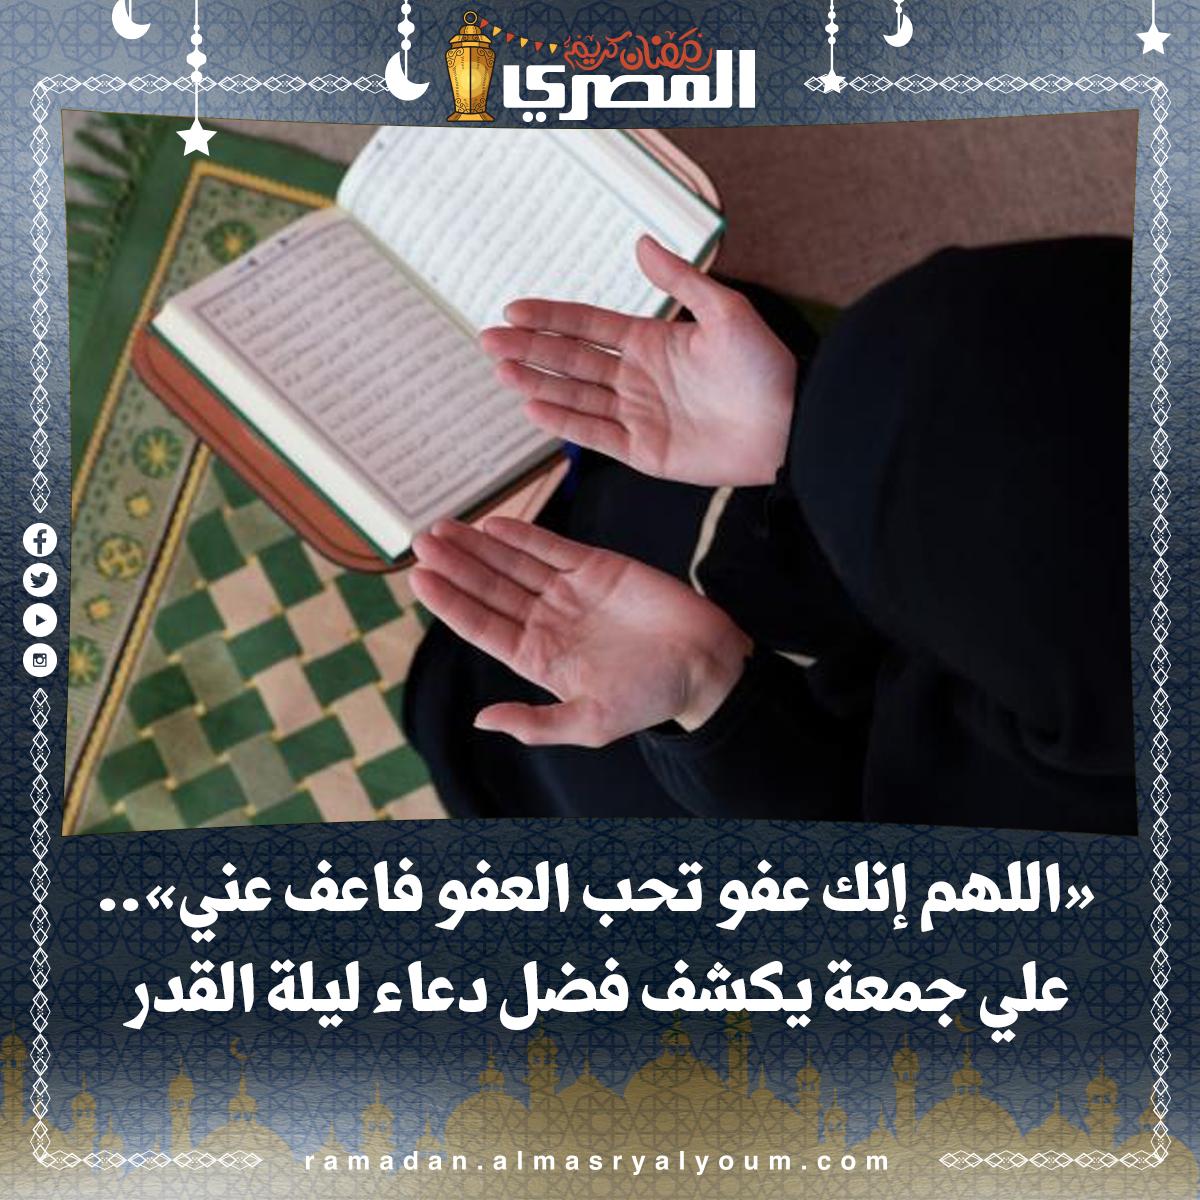 «اللهم إنك عفو تحب العفو فاعف عني».. علي جمعة يكشف فضل دعاء ليلة القدر